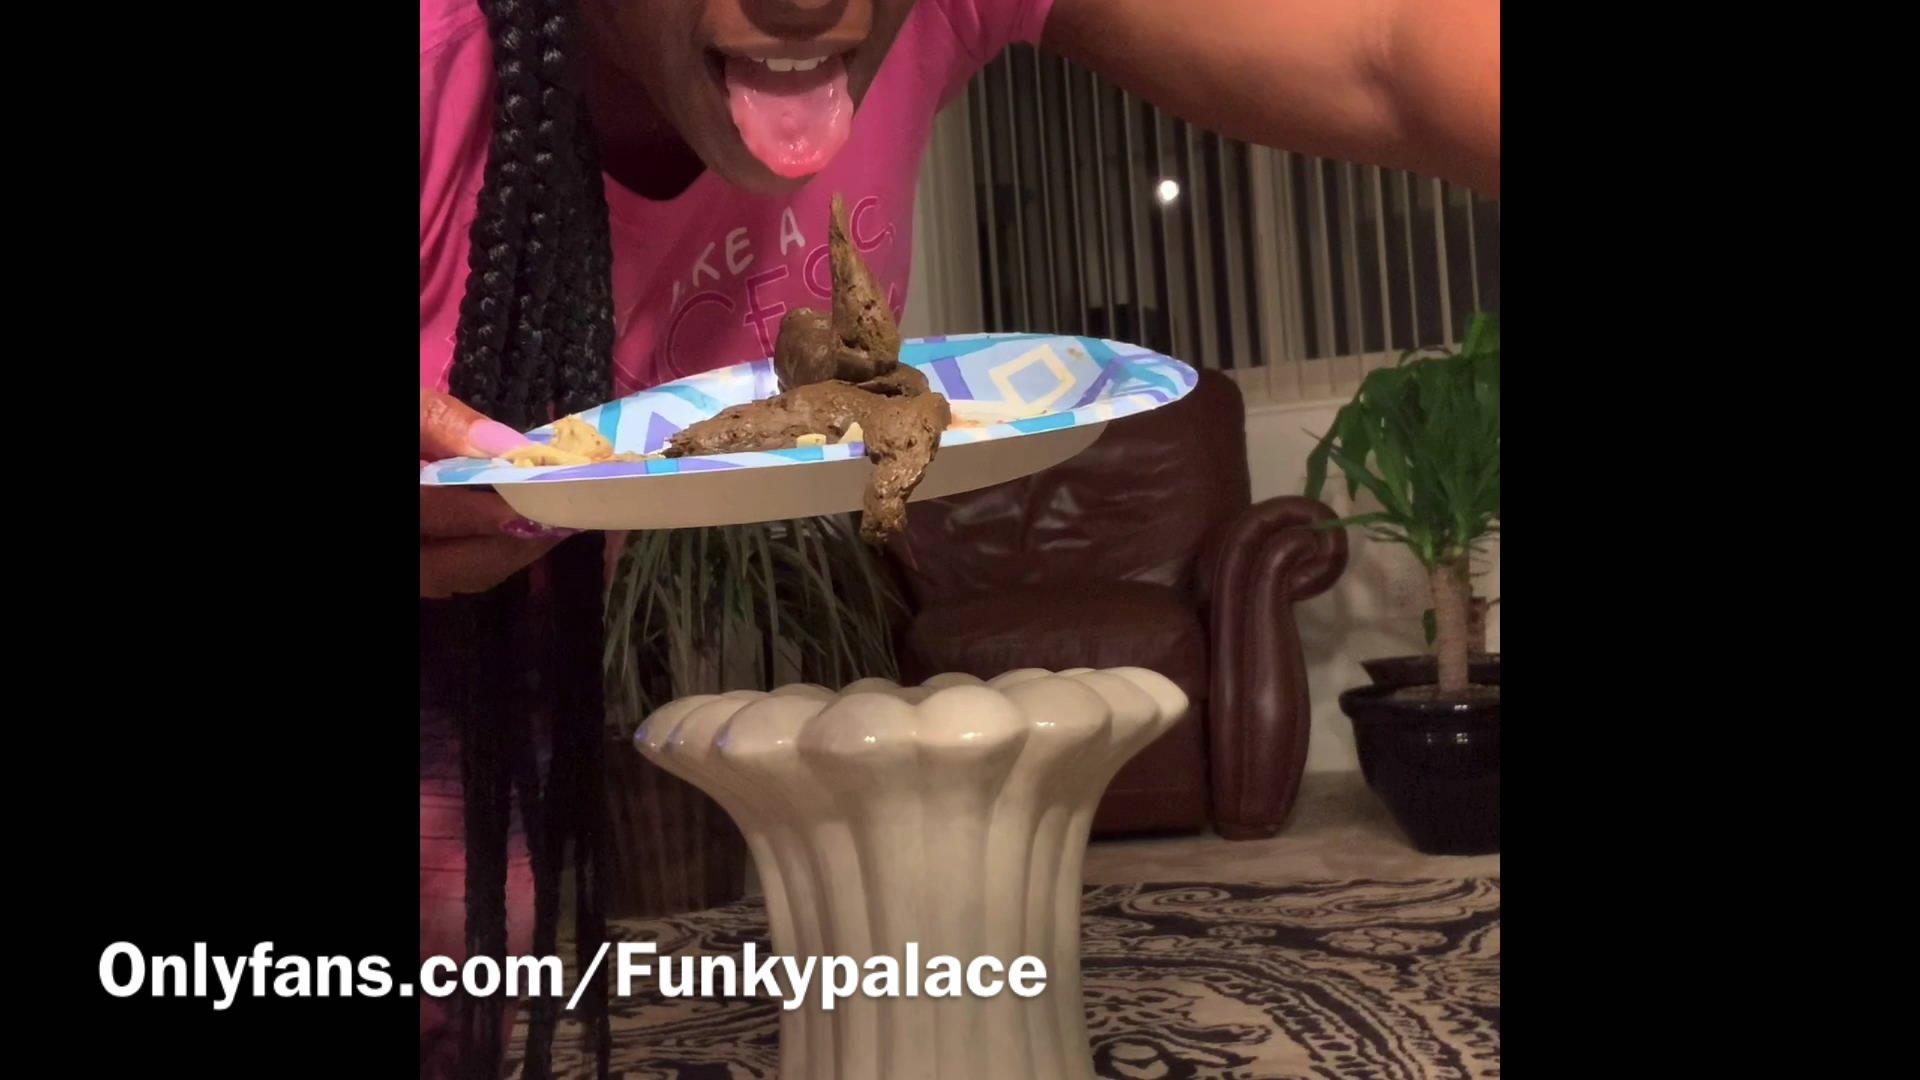 Ebony Scat Queen On Her Pedestal! starring in video ScatFreekzClub  ($19.99 ScatShop) (Release date: Jun 07, 2021) – Efro